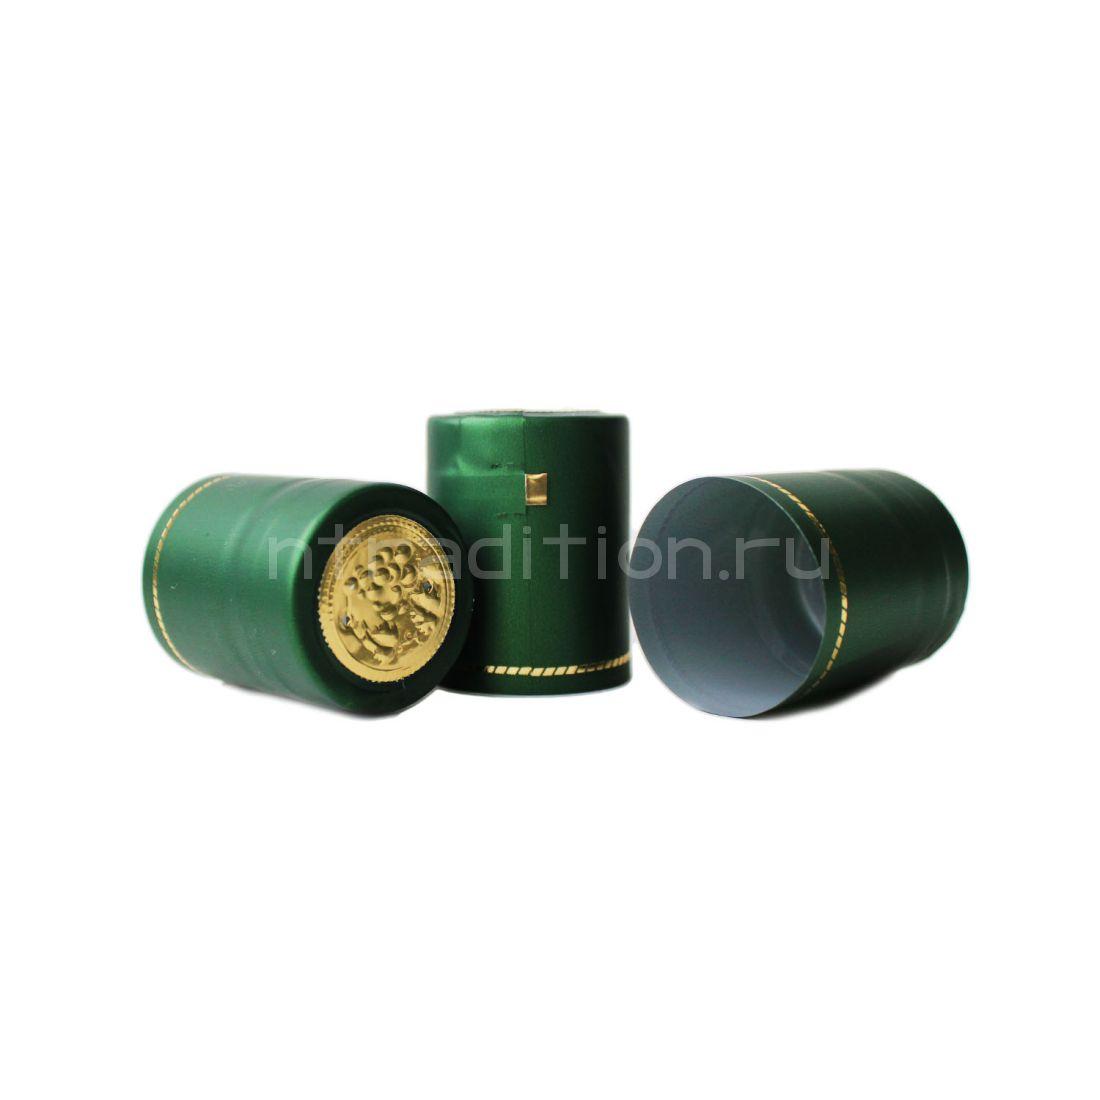 Термоусадочные колпачки 40 мм, 40 шт (зеленый металлик)